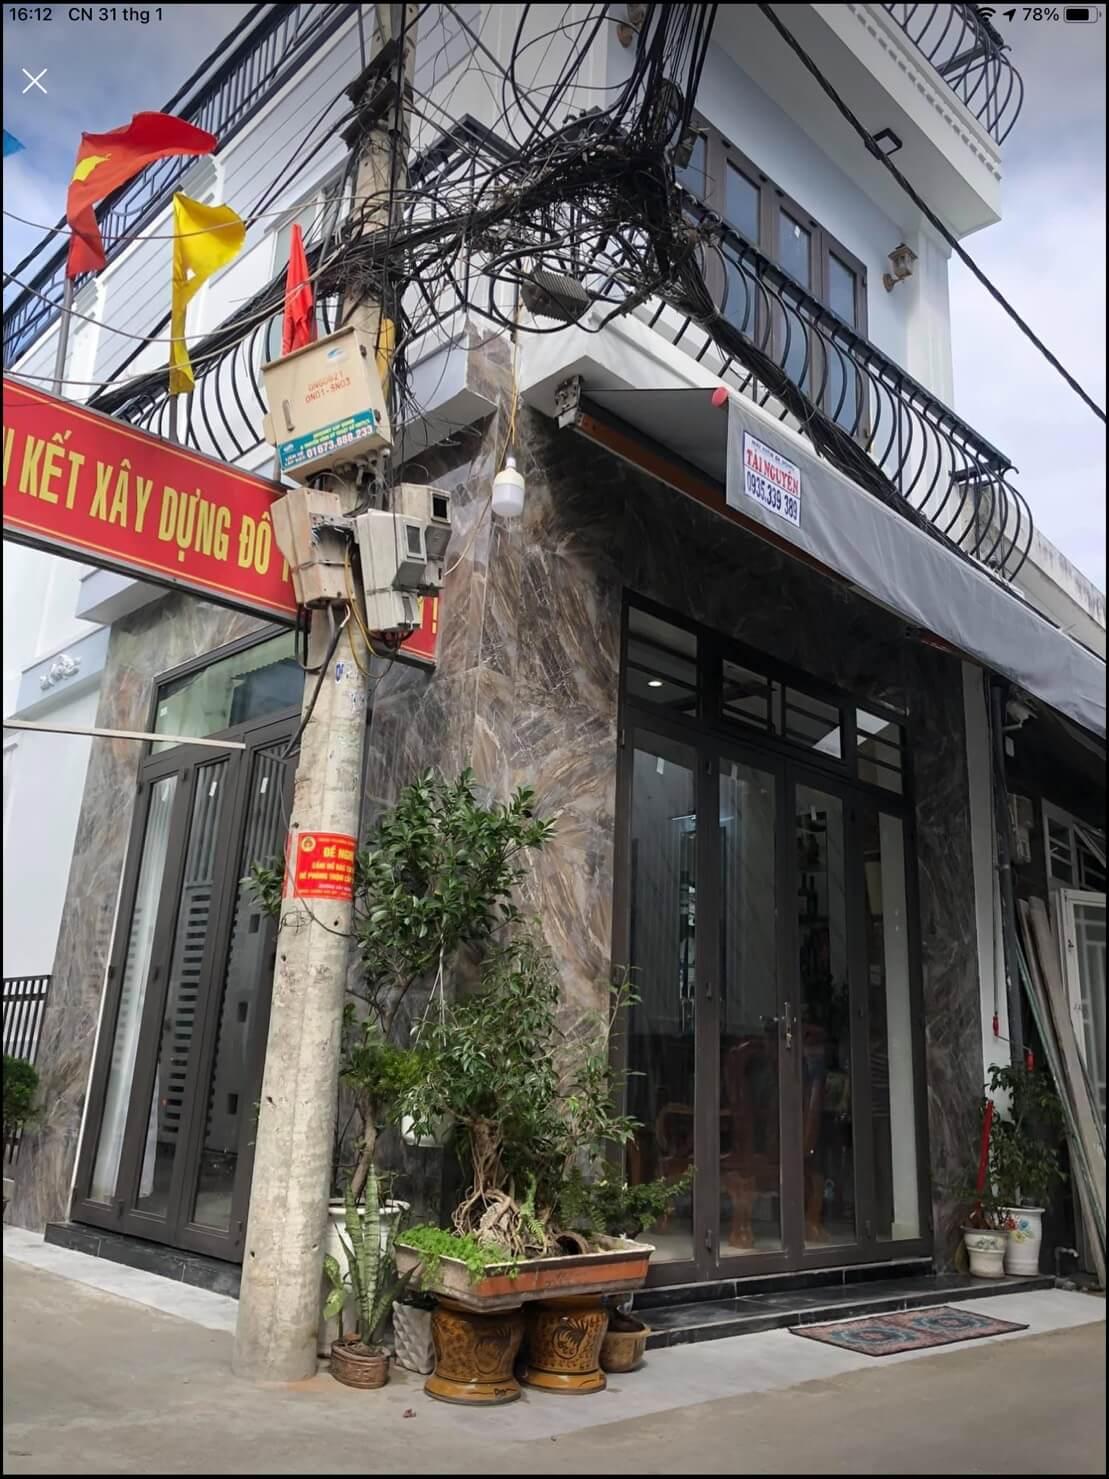 Bán Nhà Kiệt Thái Thị Bôi – Đà Nẵng | Trần Minh BĐS